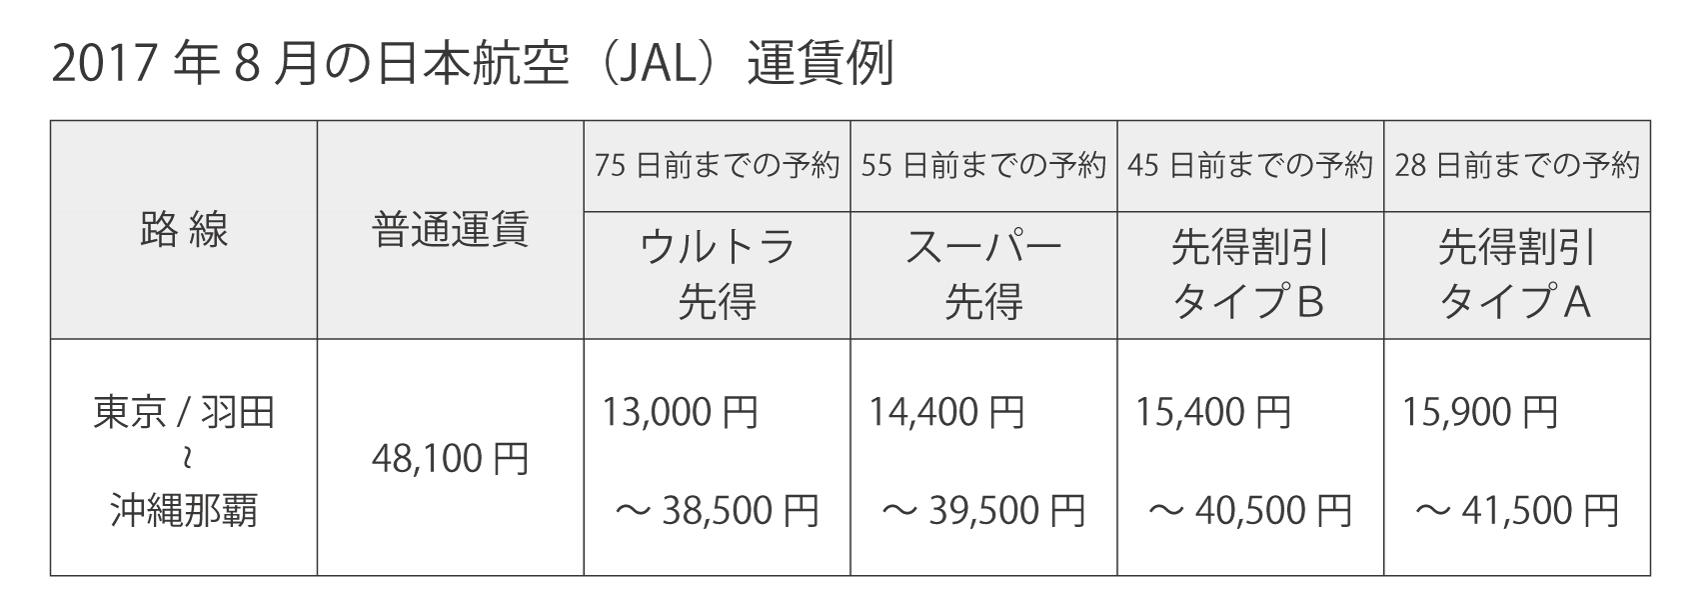 8月JAL運賃